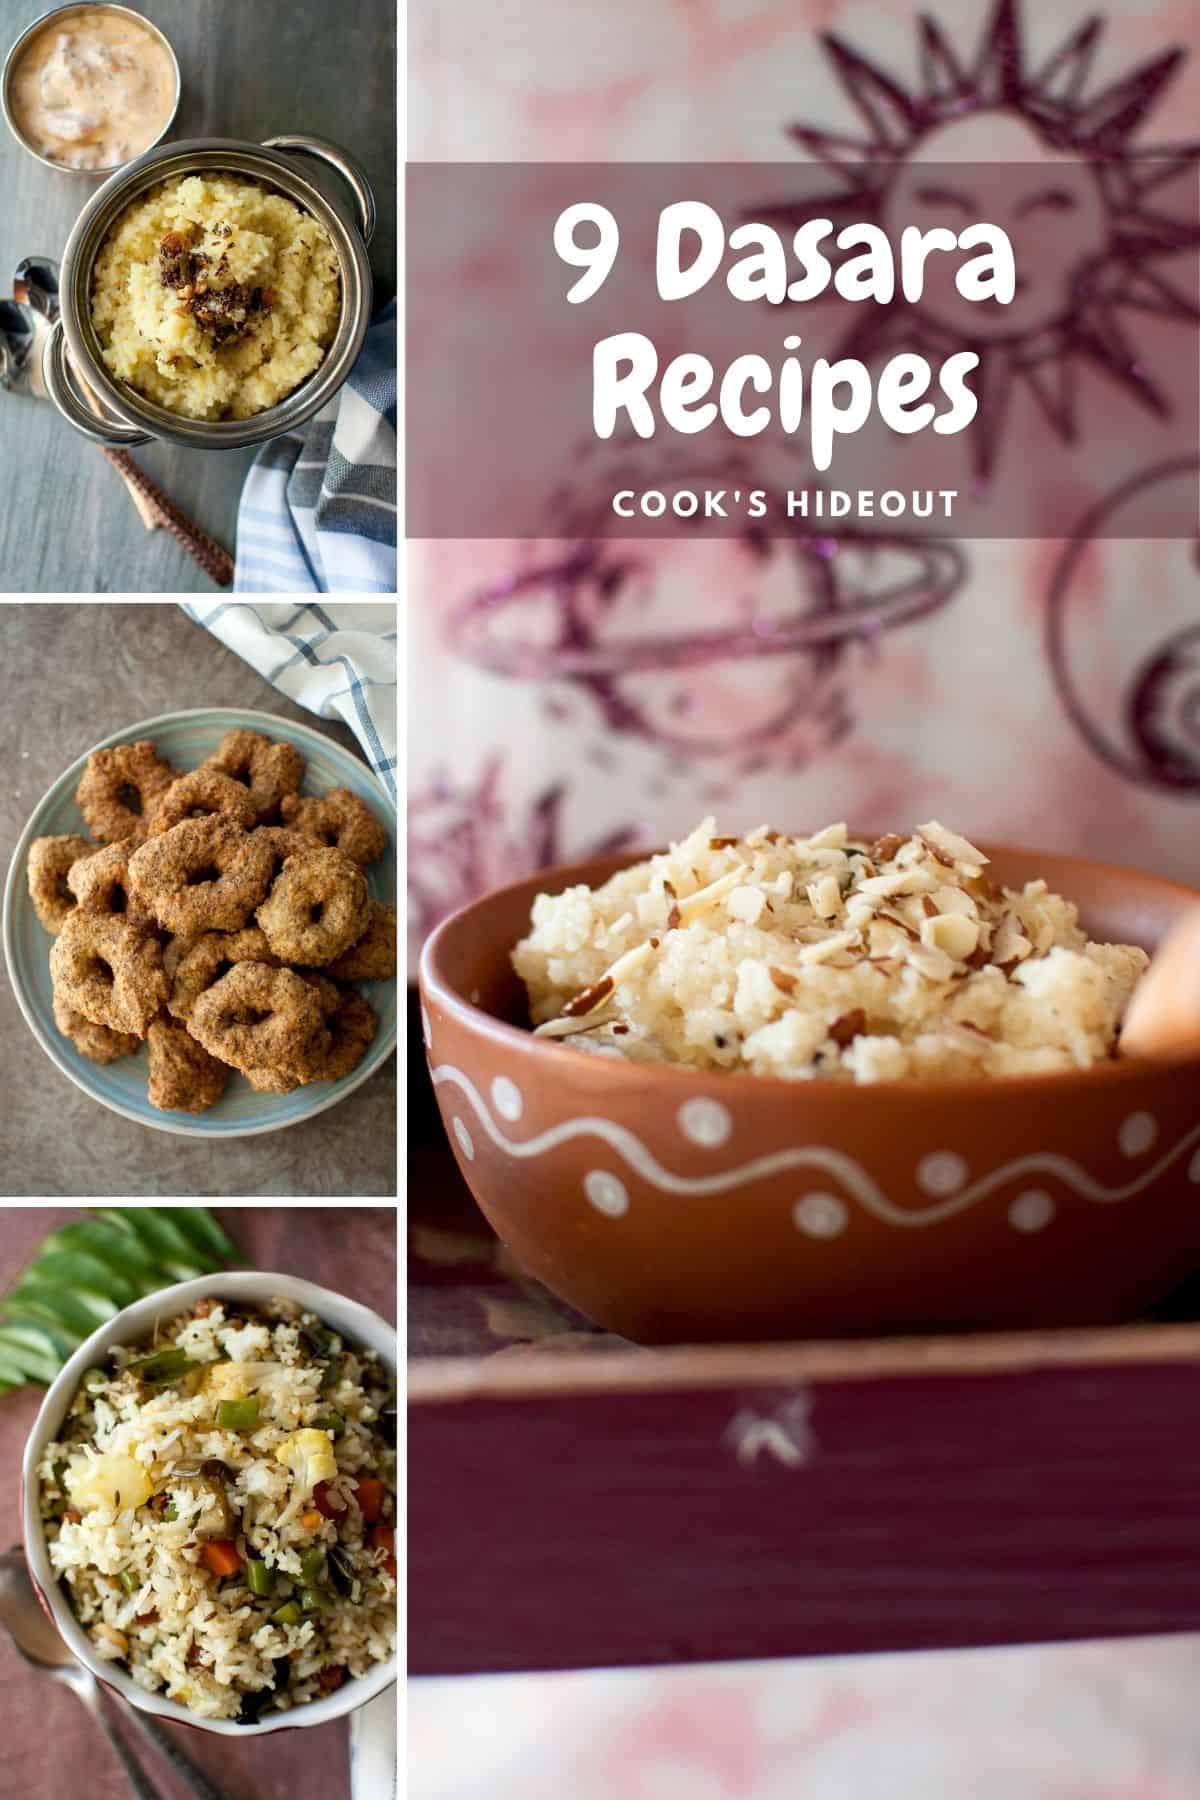 Dasara recipes in a collage - Pongal, Garelu, Vegetable rice and rava kesari